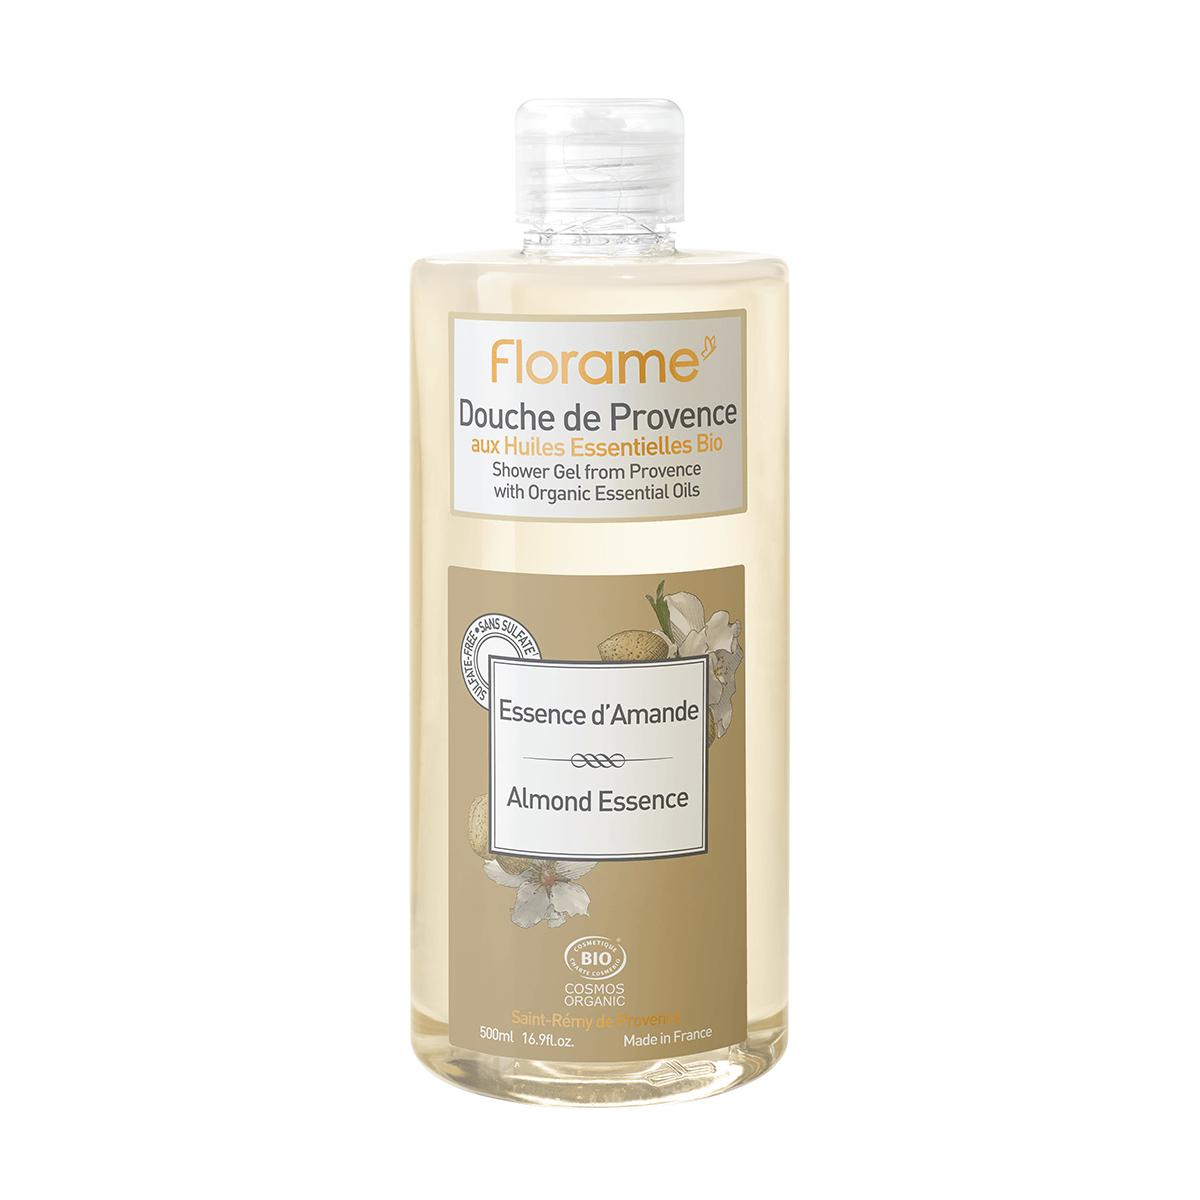 Gel Douche De Provence Essence D'amande dedans Faire Son Gel Douche